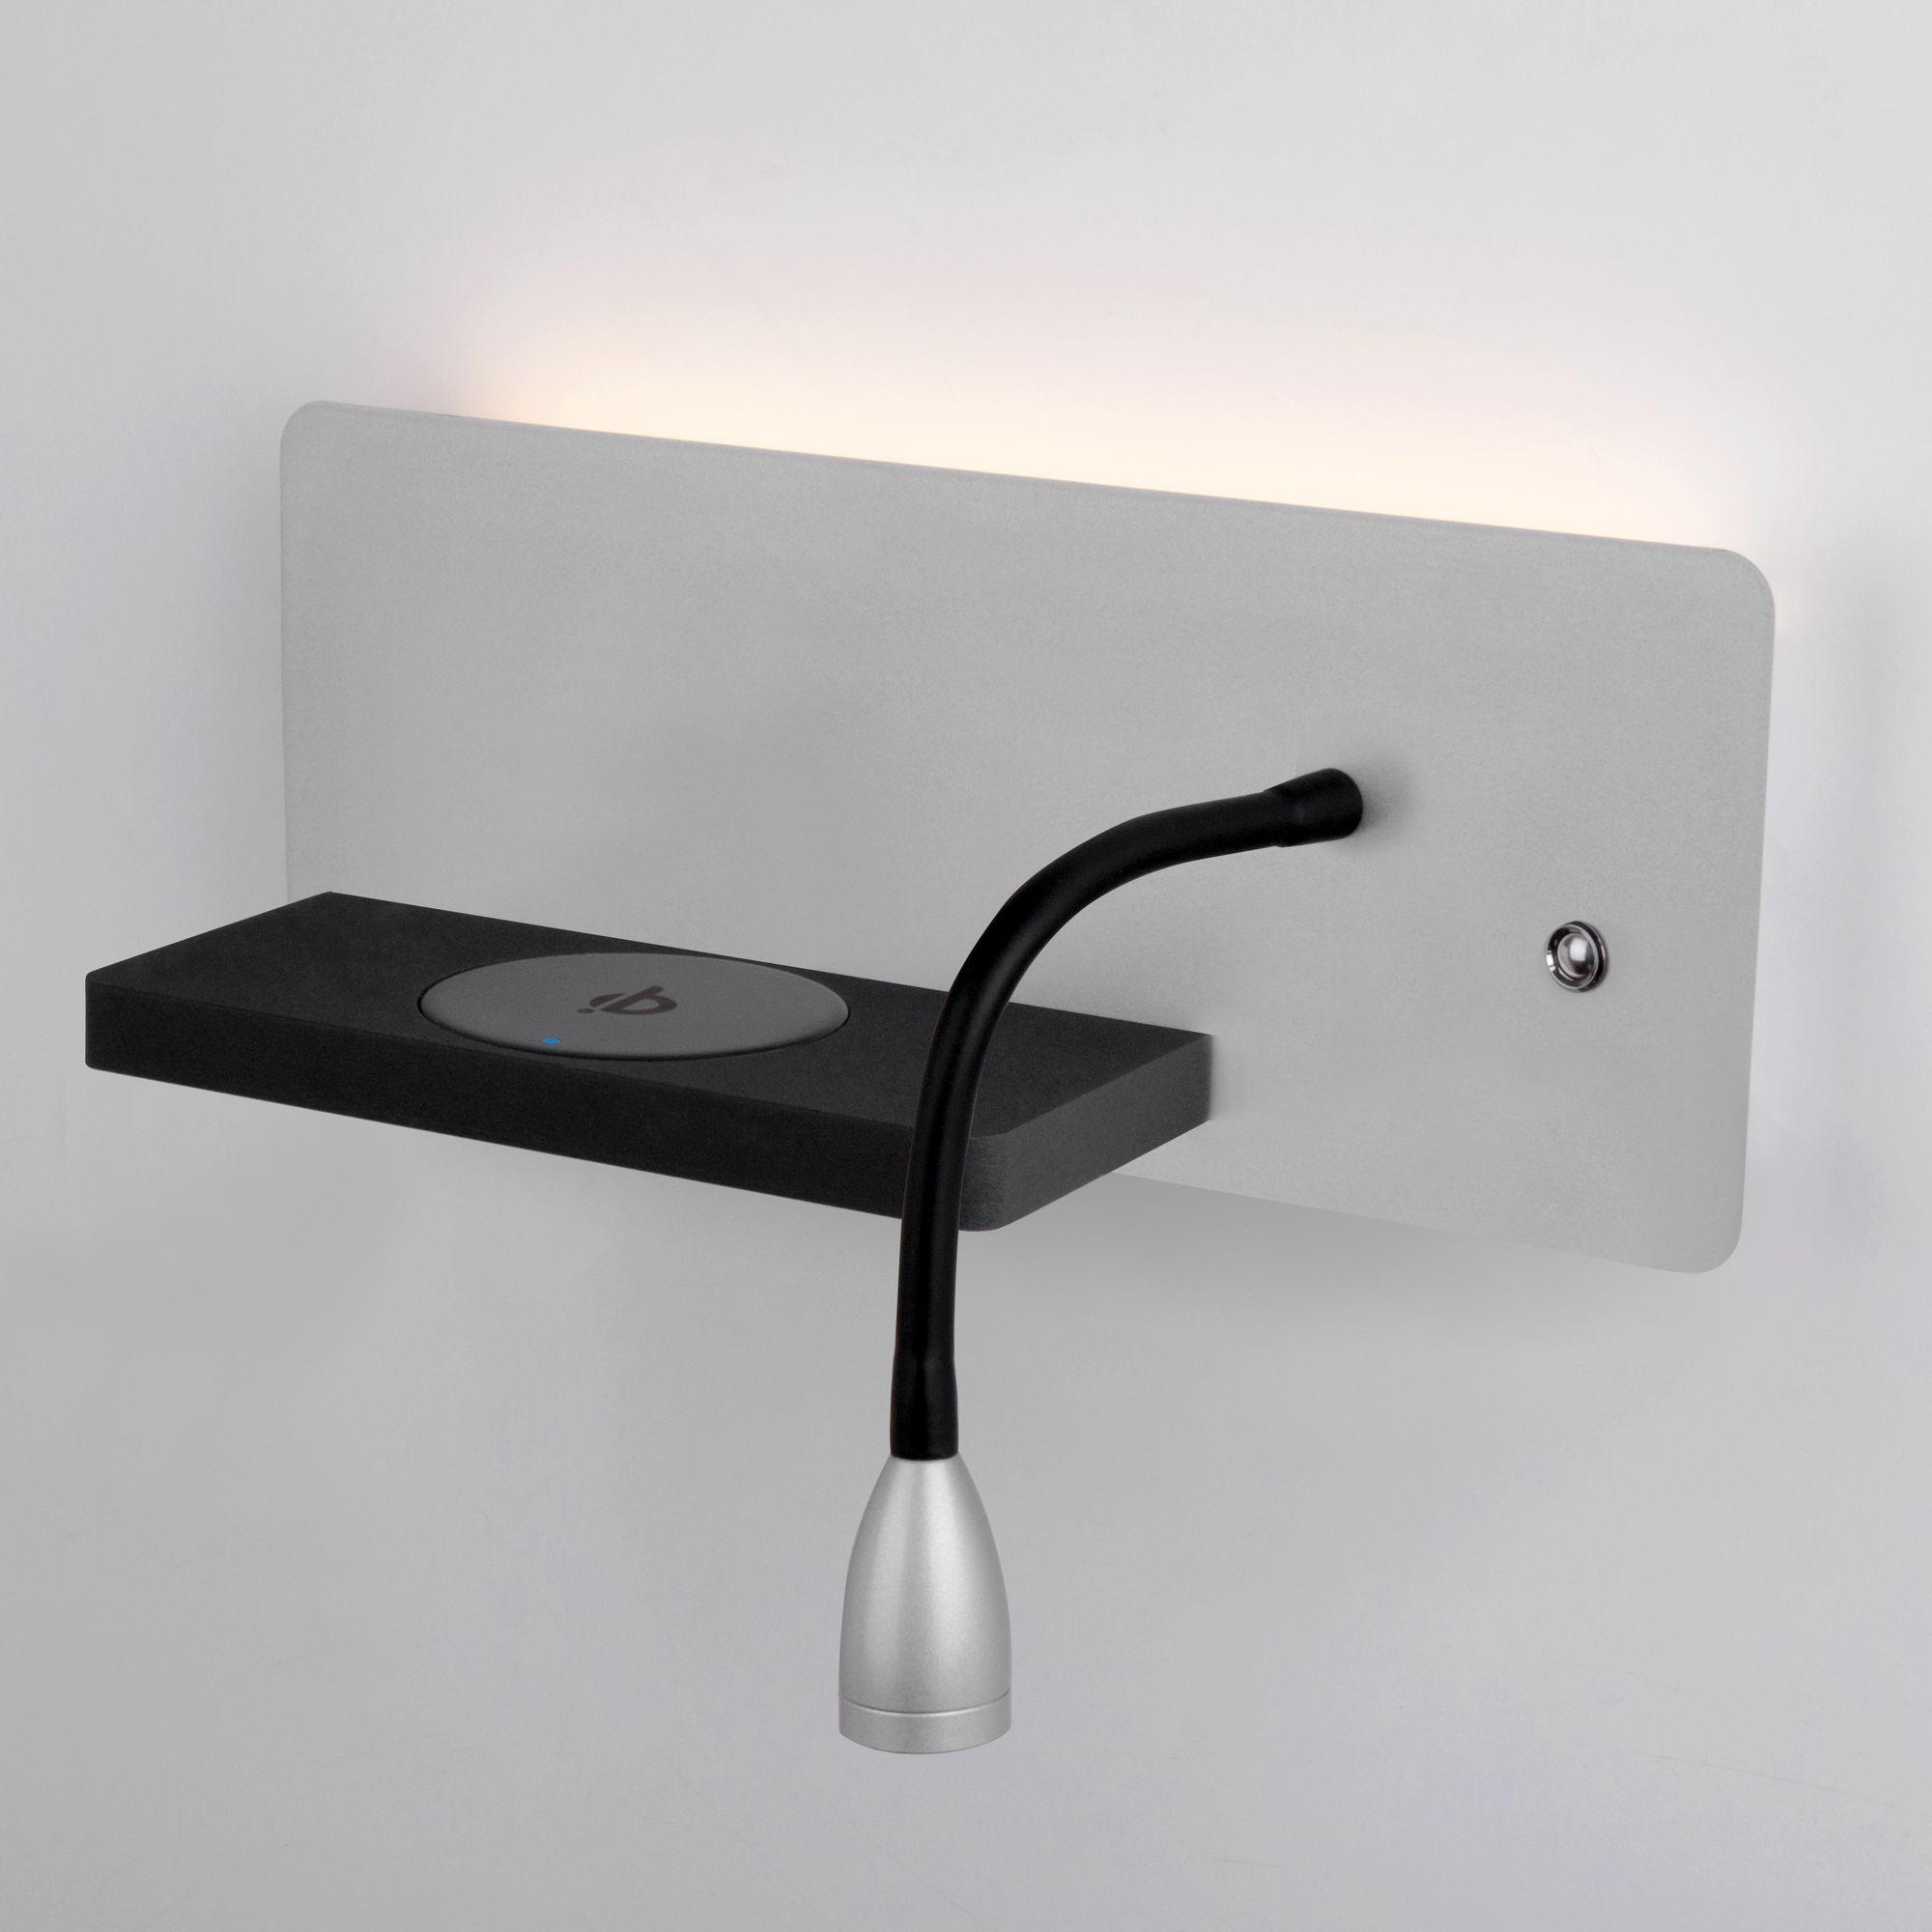 Настенный светодиодный светильник с беспроводной зарядкой Kofro L LED (левый) MRL LED 1112 серебро/ч